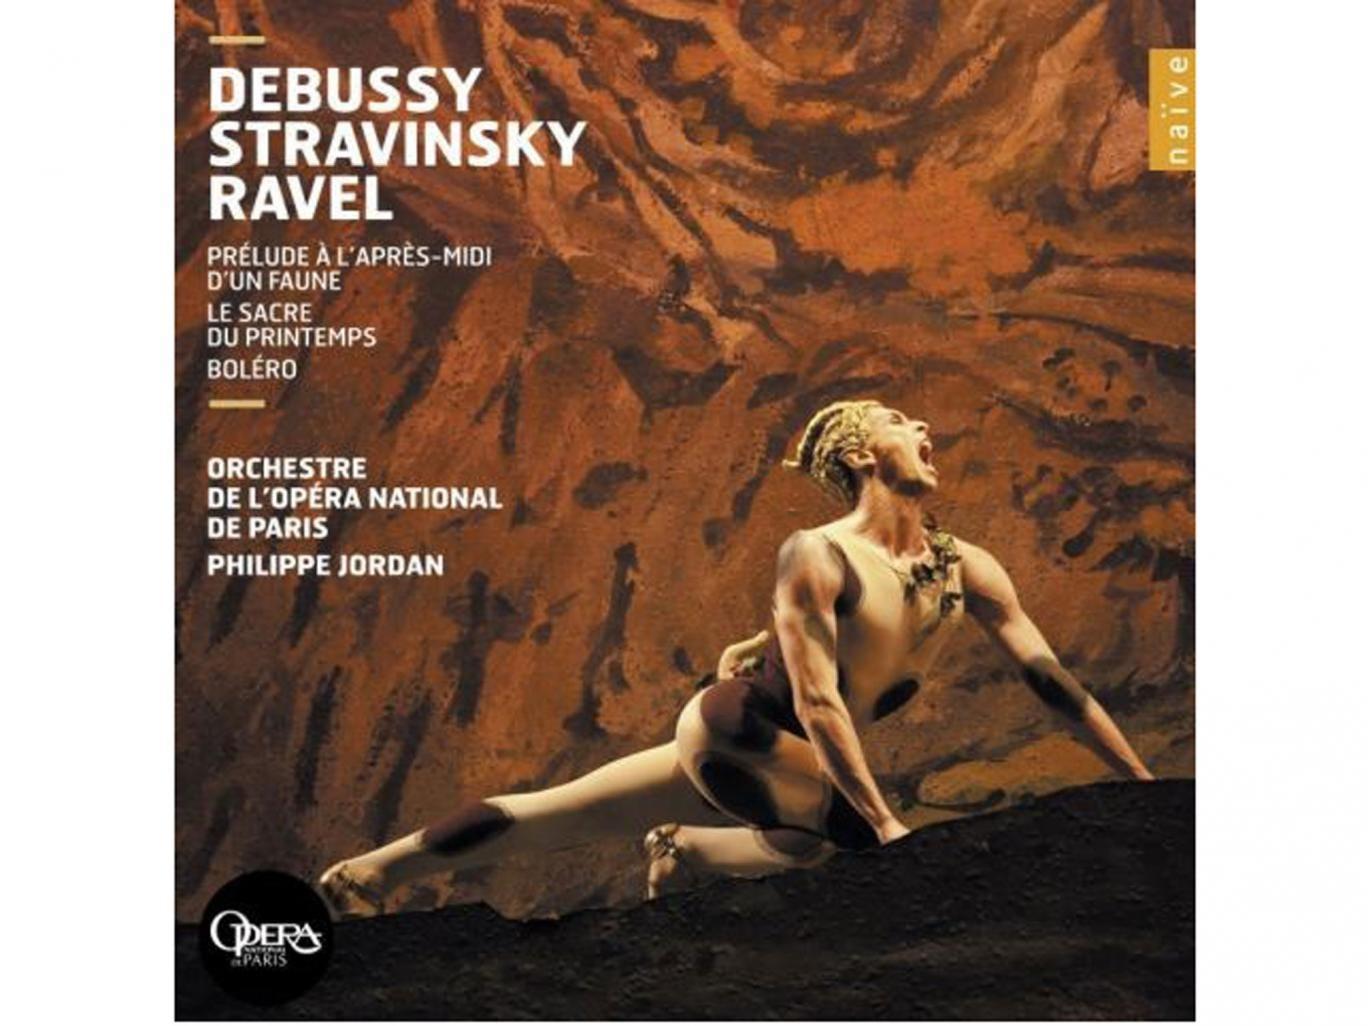 Philippe Jordan, Orchestre de L'Opéra De Paris Debussy, Stravinsky, Ravel (Naïve)